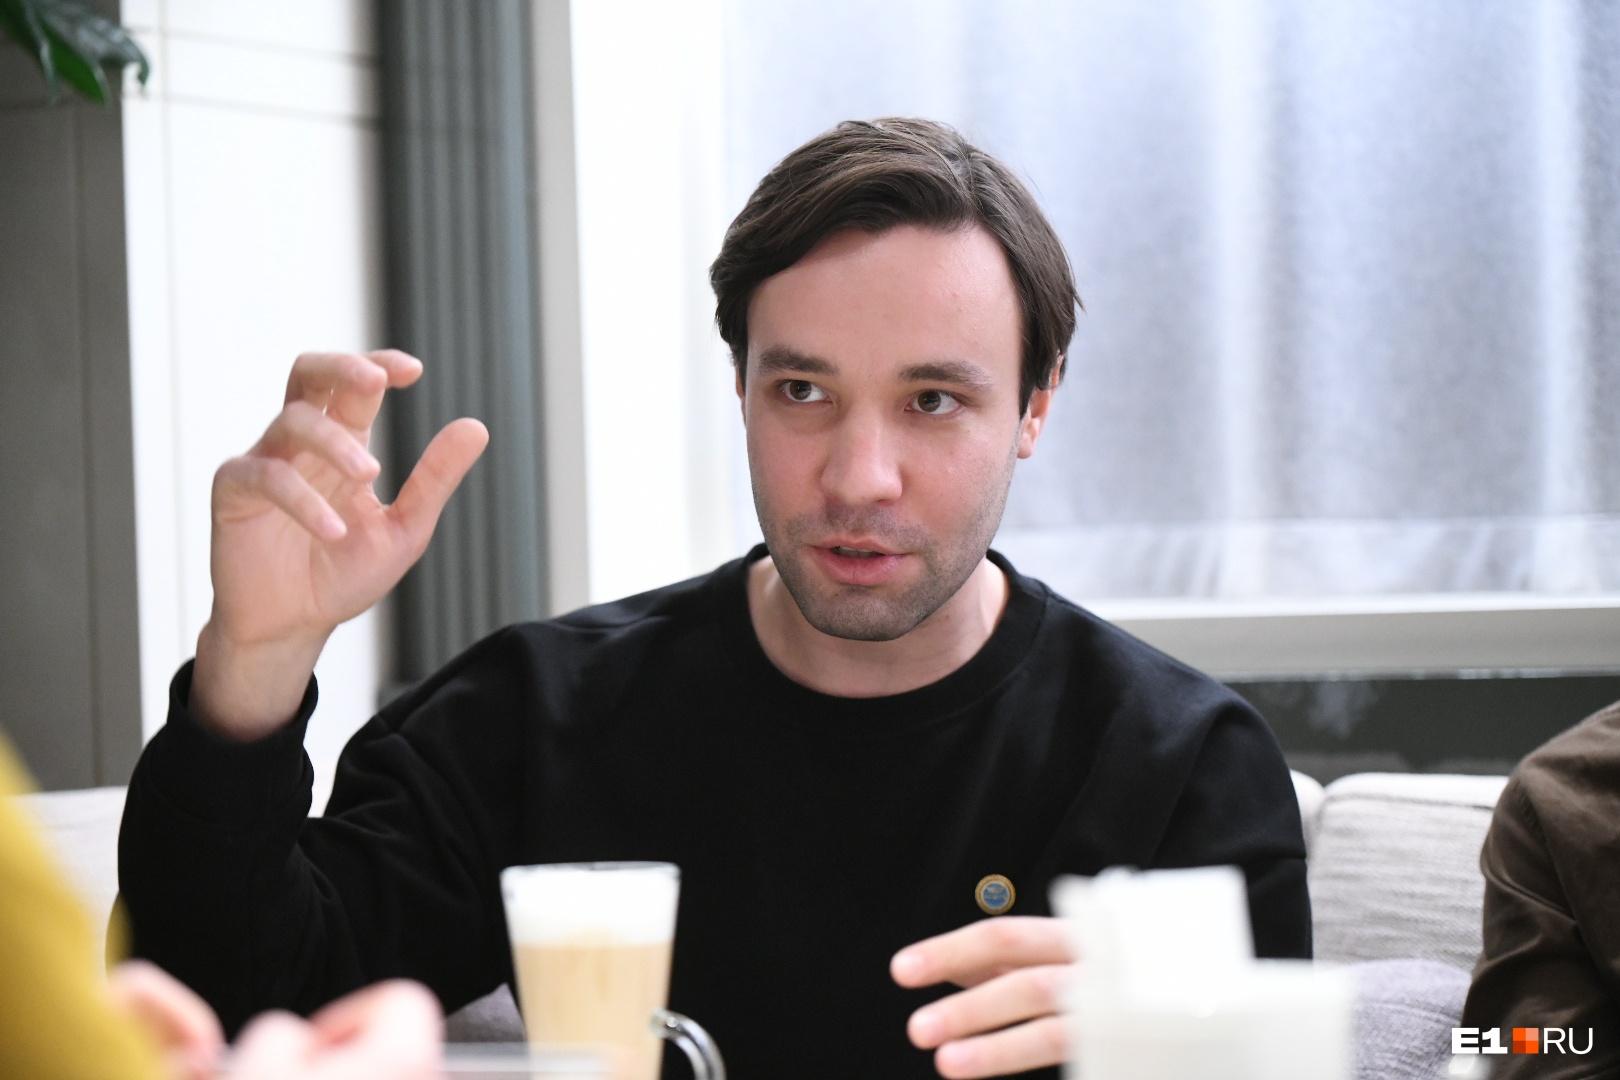 Ярослав Тимофеев — пианист, музыковед,выпускник Московской консерватории имени Чайковского